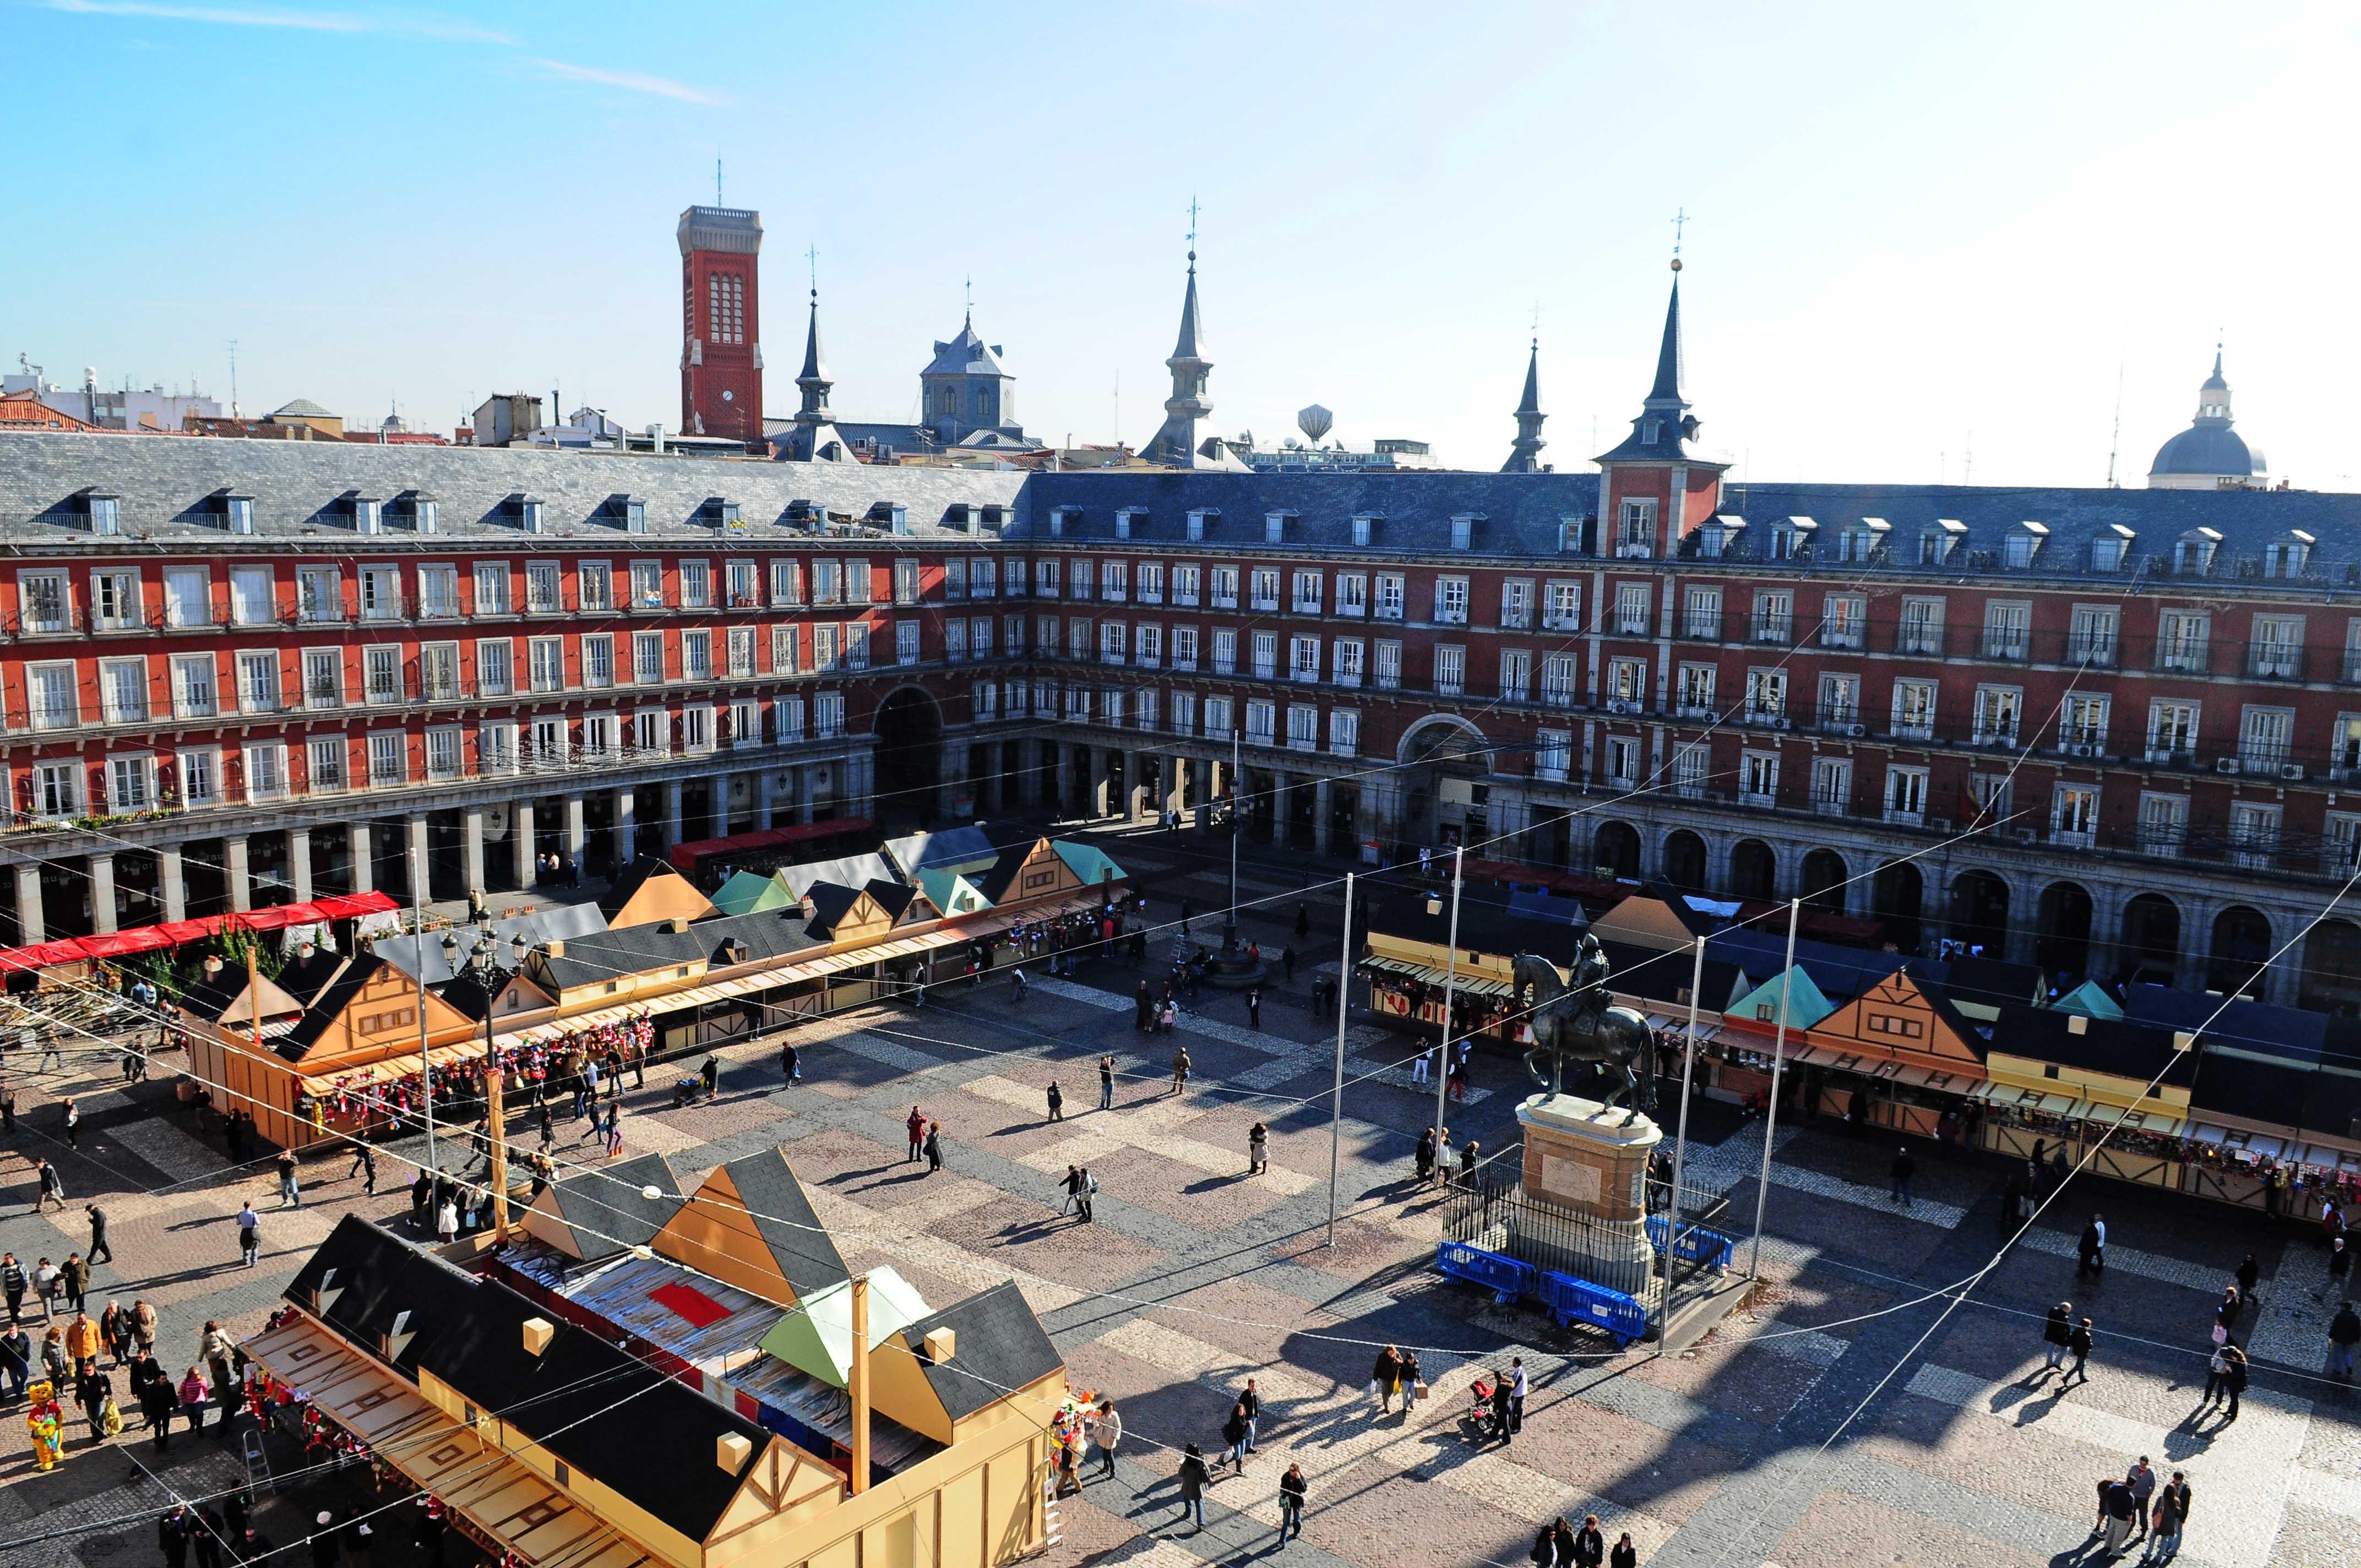 El regalo de pasear por la plaza mayor ayuntamiento de - Mercado de navidad madrid ...